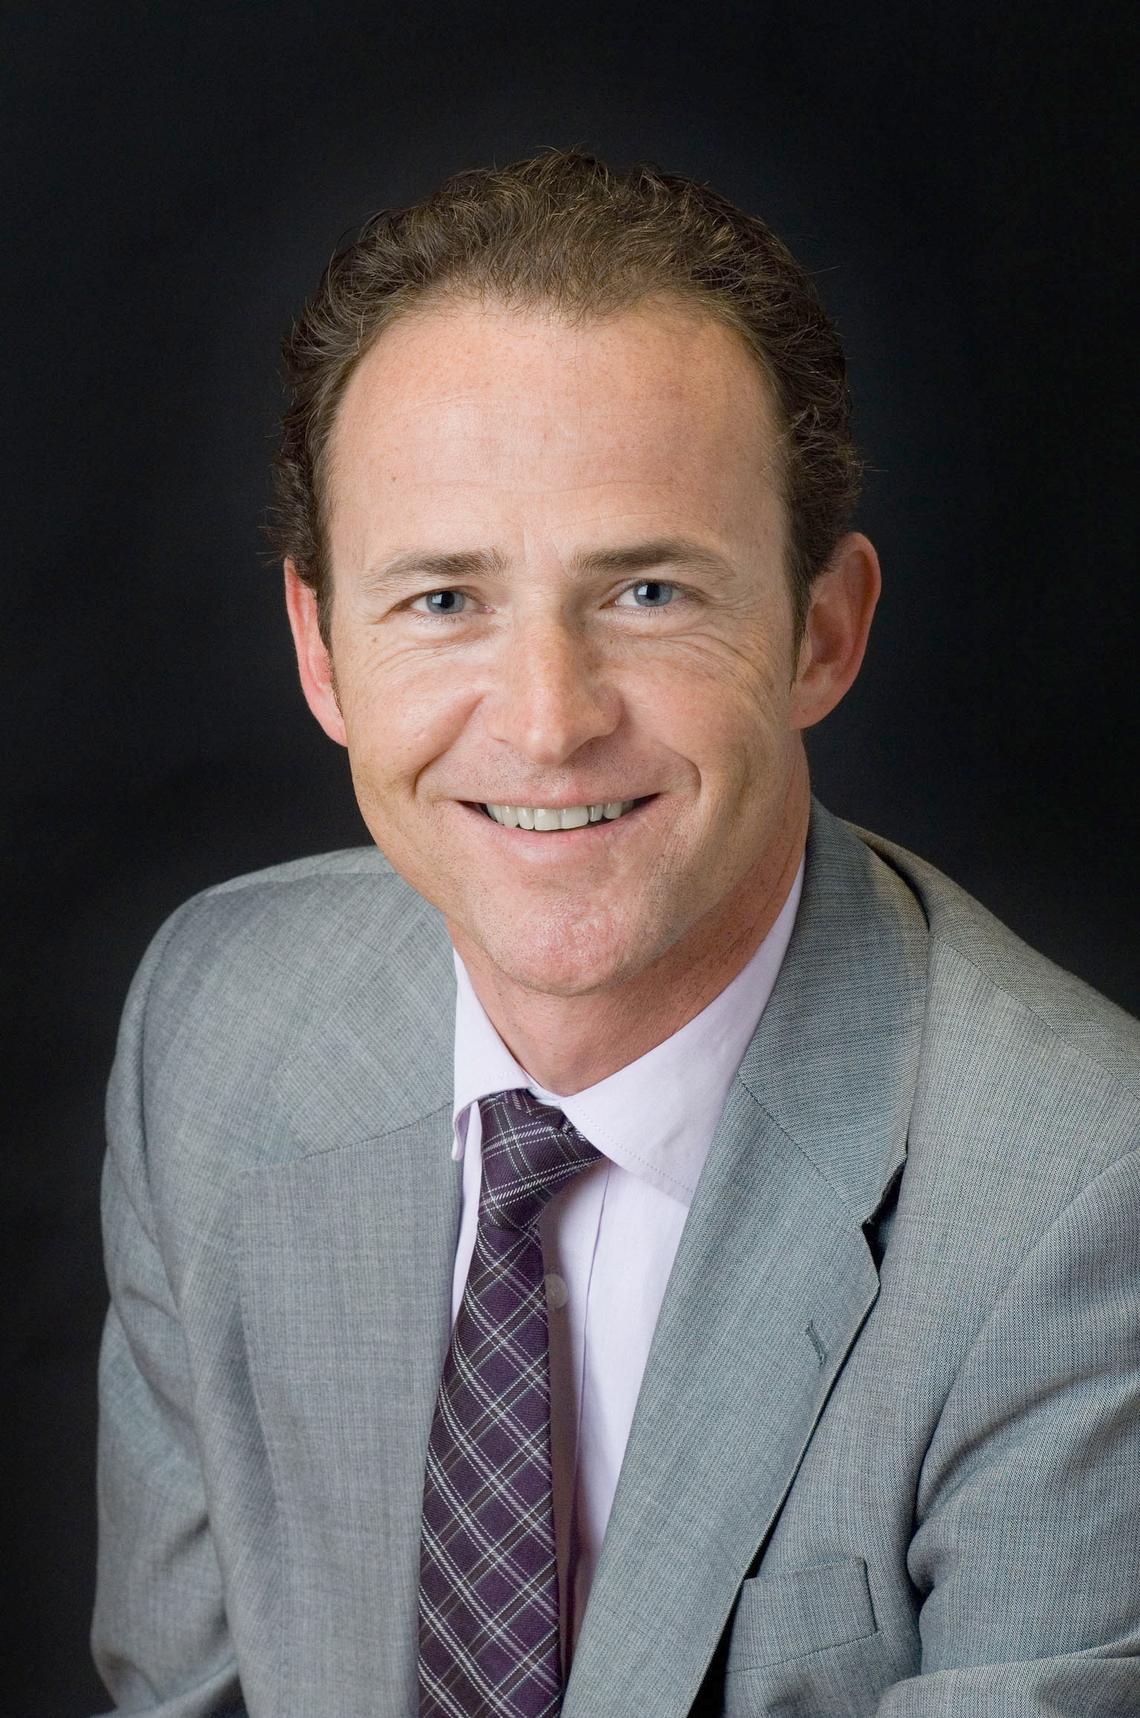 Markus Nüesch